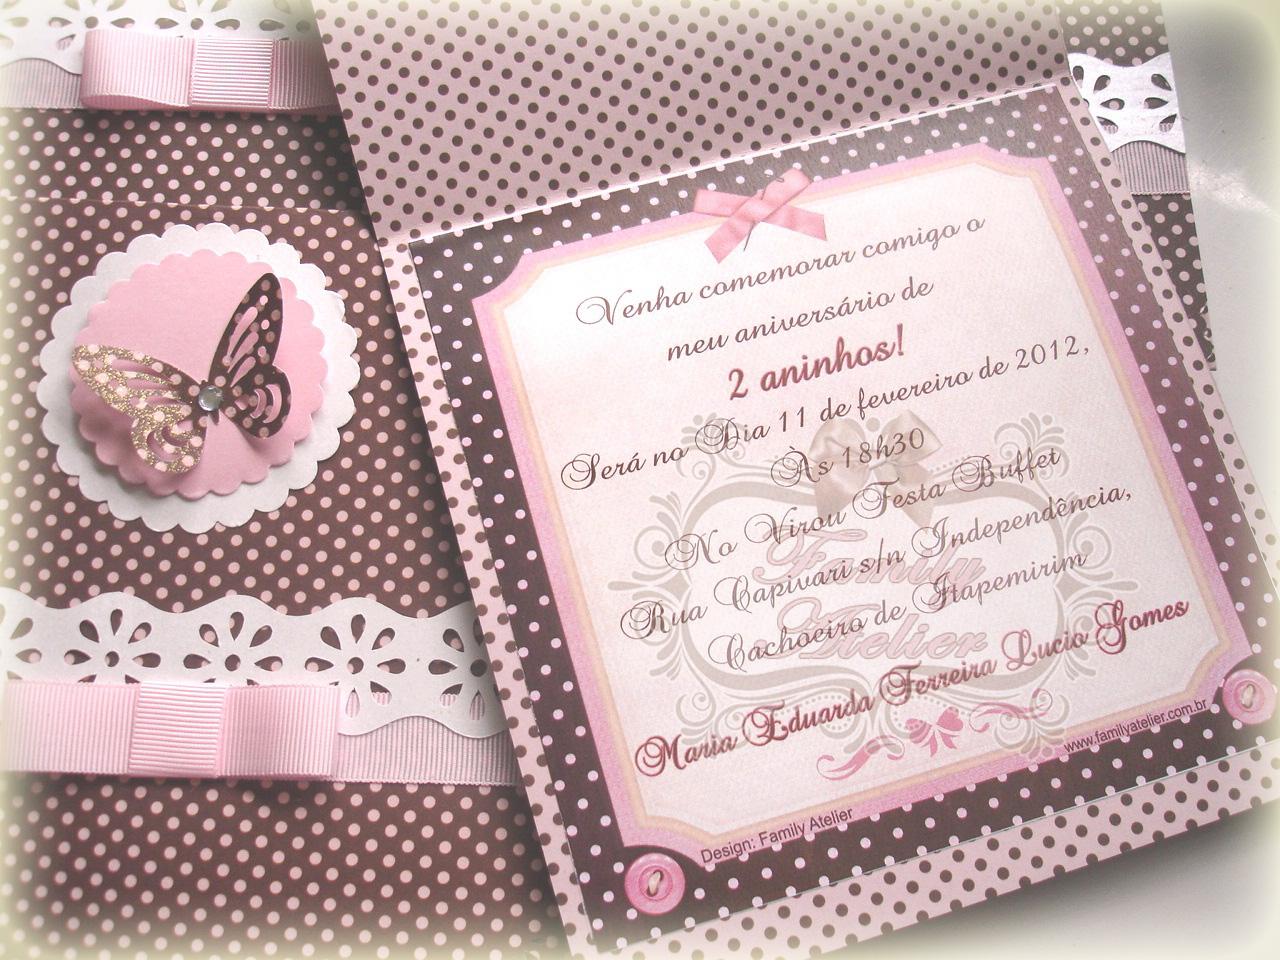 Family Atelier Convite Borboleta Rosa E Marrom